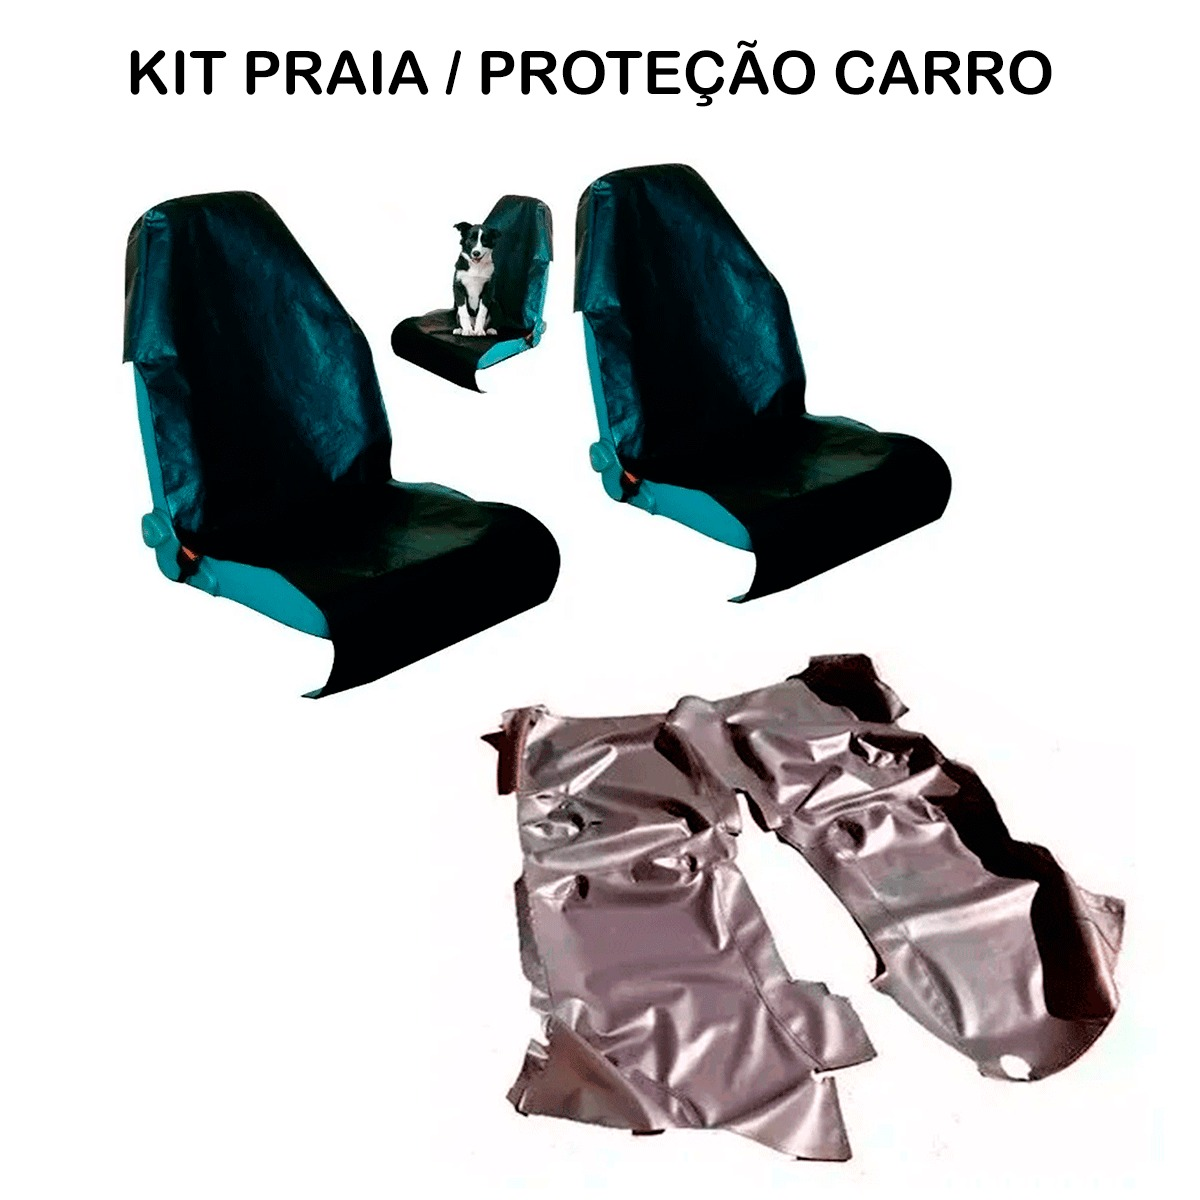 Tapete Em Vinil Fiat Punto Todos + Capa Banco Protecao Banco Areia Suor Academia